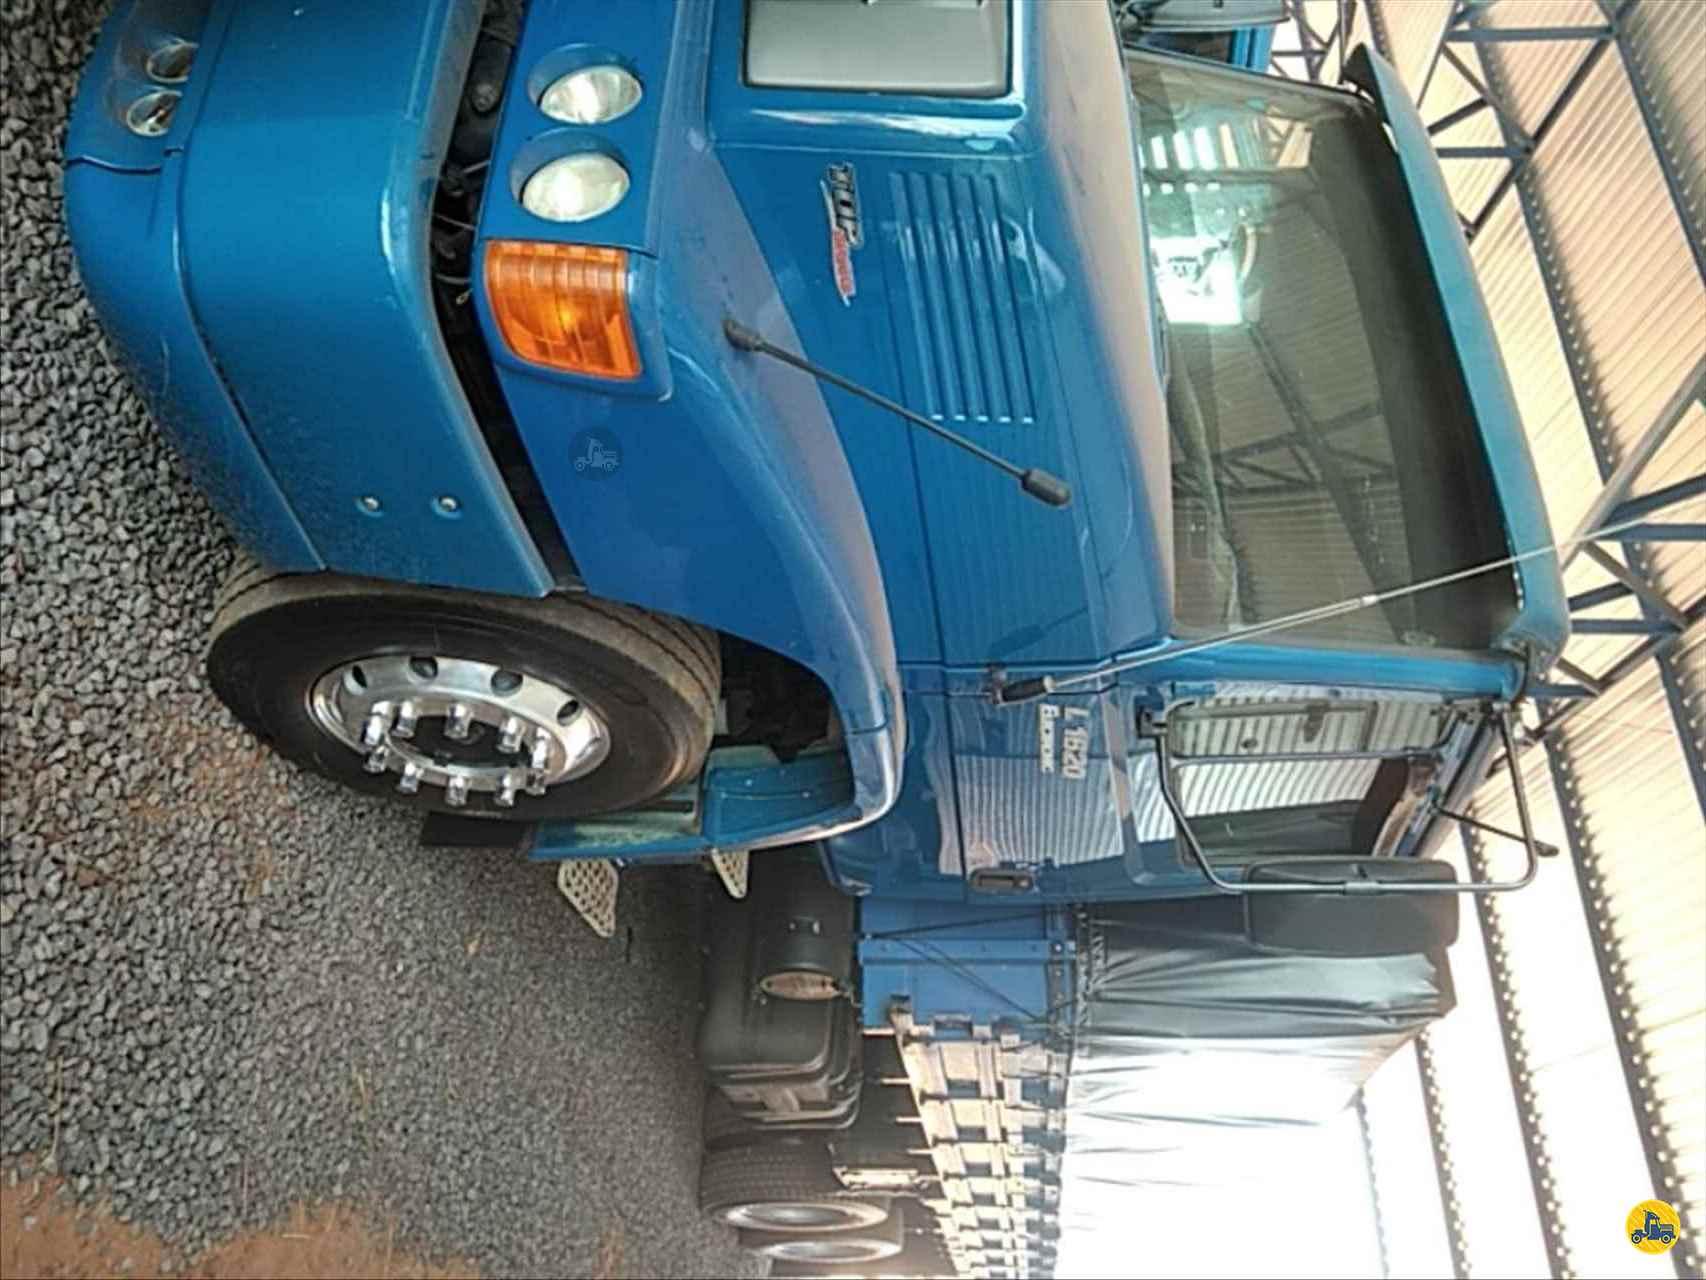 CAMINHAO MERCEDES-BENZ MB 1620 Graneleiro Truck 6x2 TVF Caminhões IPORA PARANÁ PR